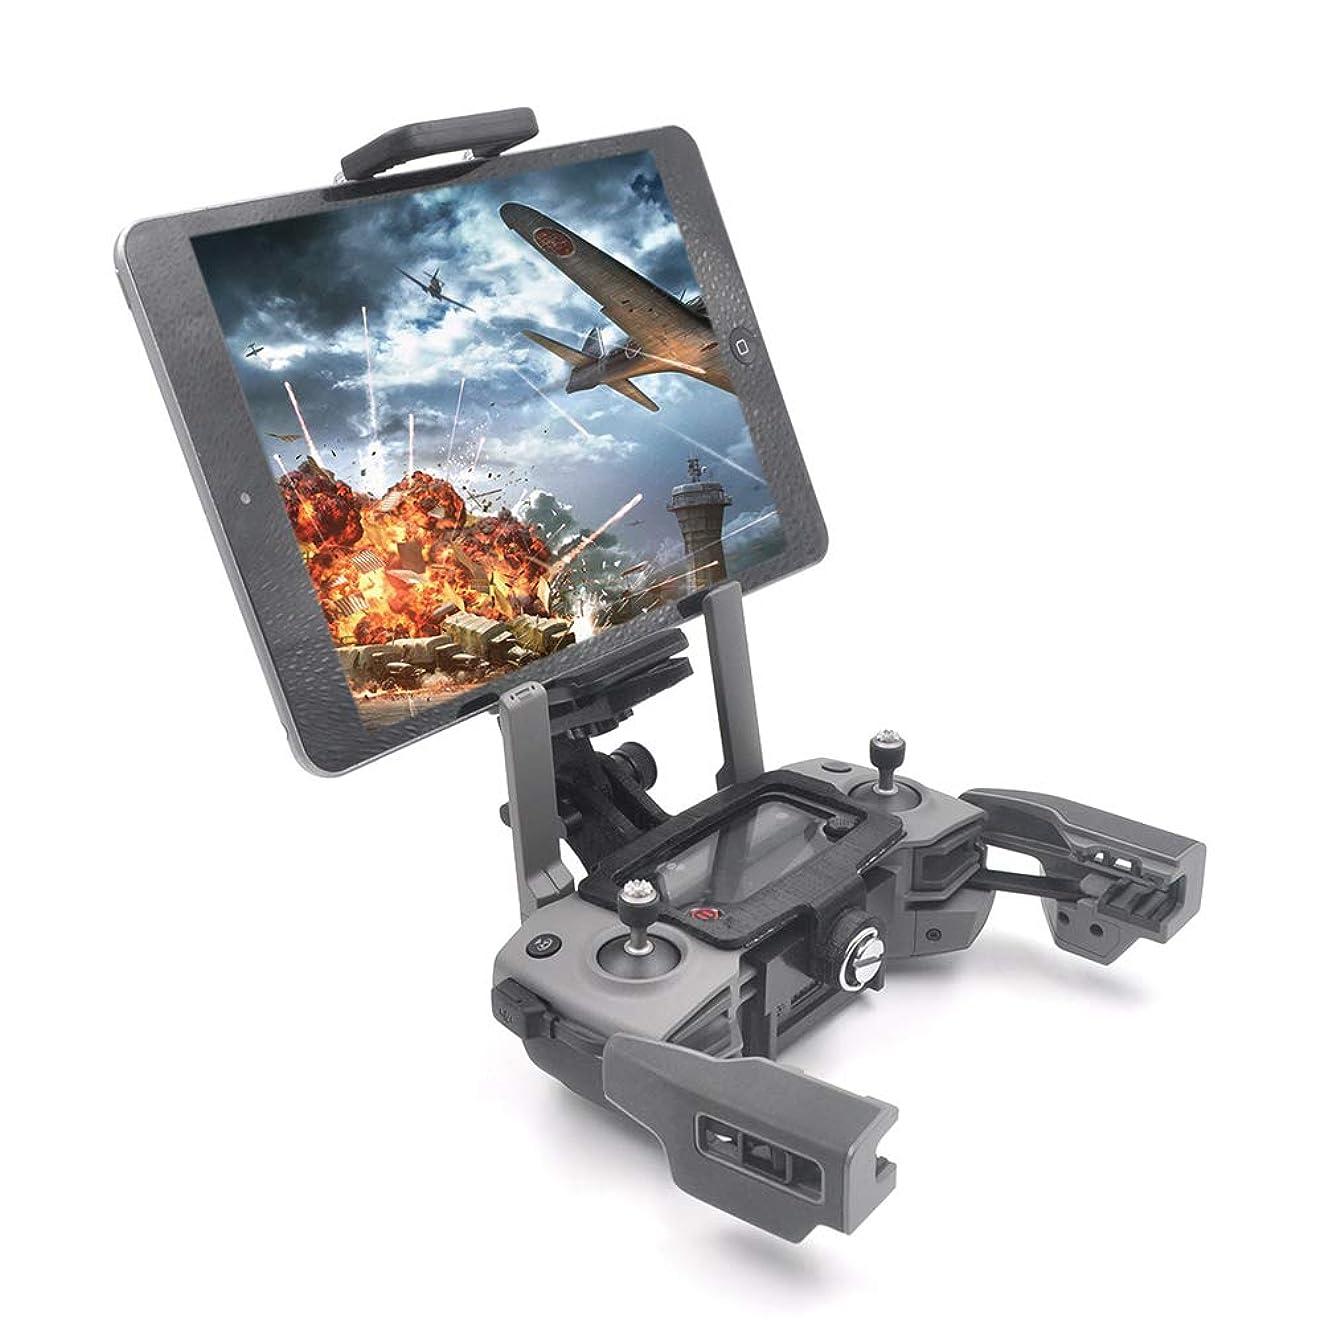 ステートメントオプショナルモディッシュDJI Mavic 2用に調整されたStartrc Tablet Phone Clipバイク固定ブラケットホルダー